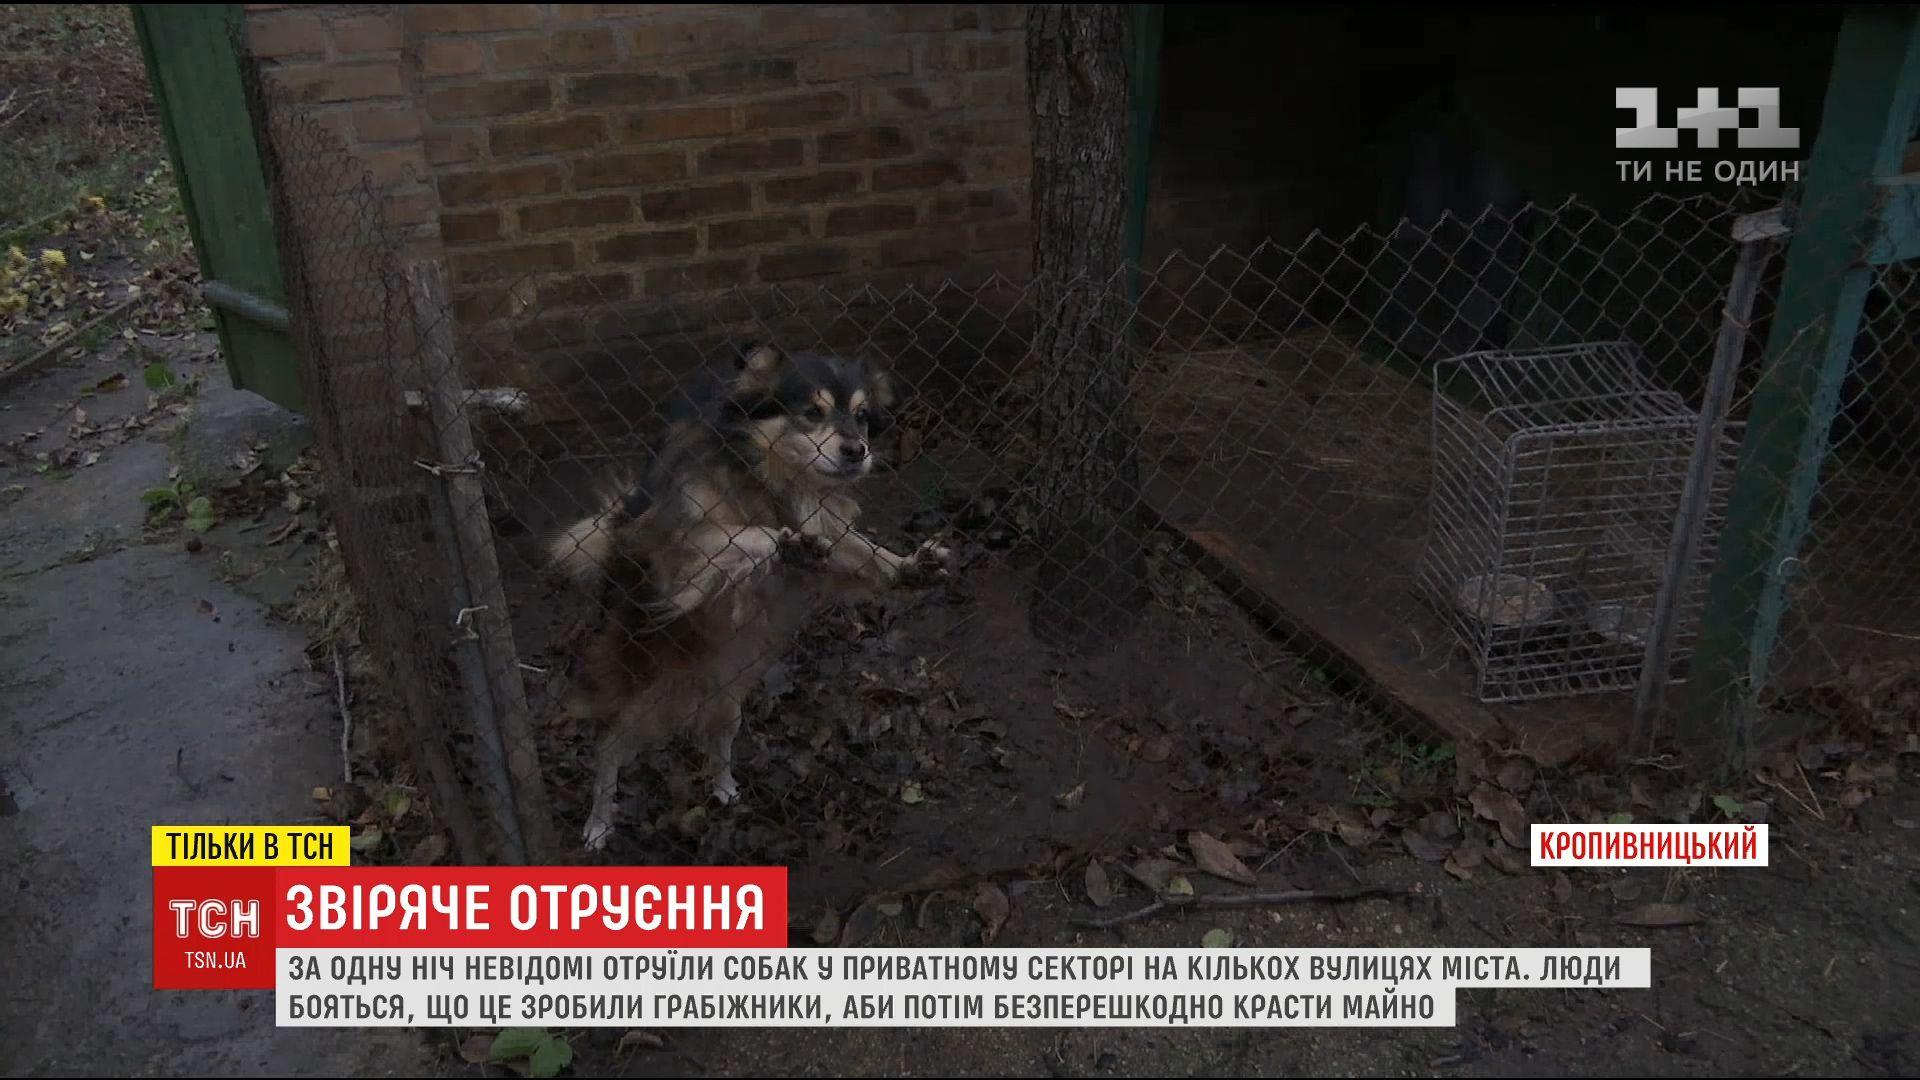 Хозяева собак убеждены, убийства злоумышленники готовили тщательно / Скриншот видео ТСН